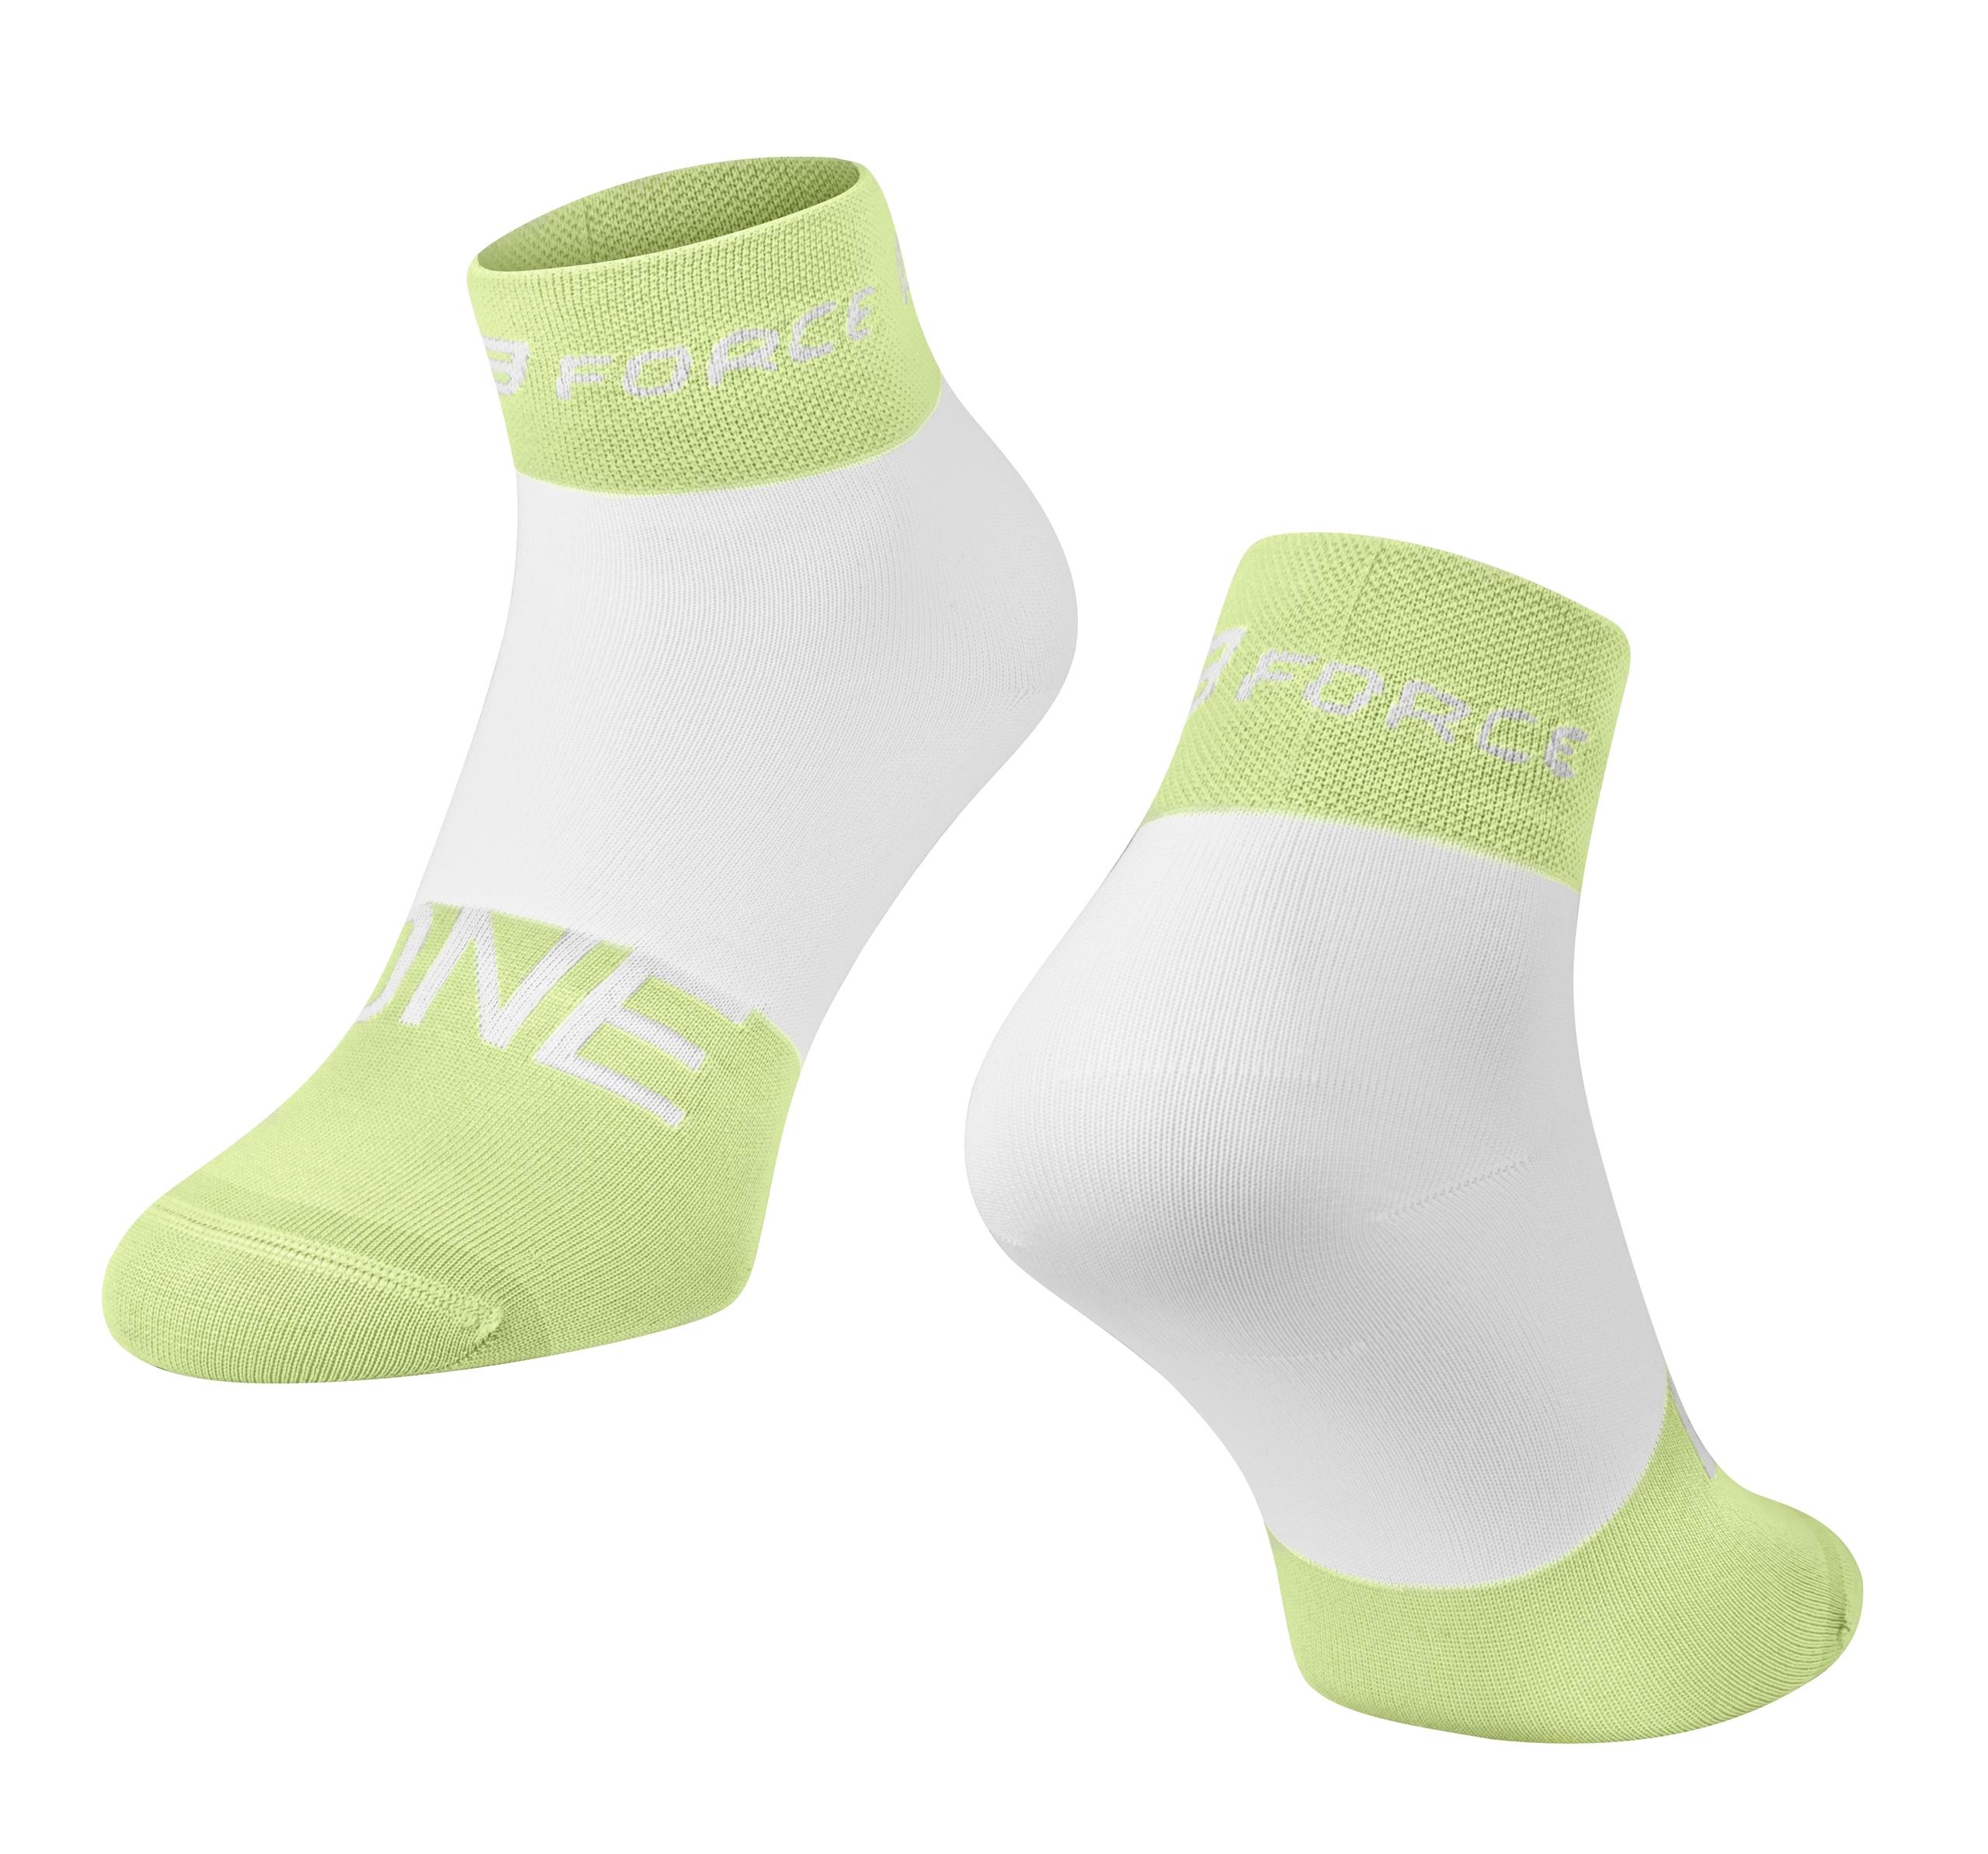 ponožky FORCE ONE, zeleno-bílé S-M/36-41